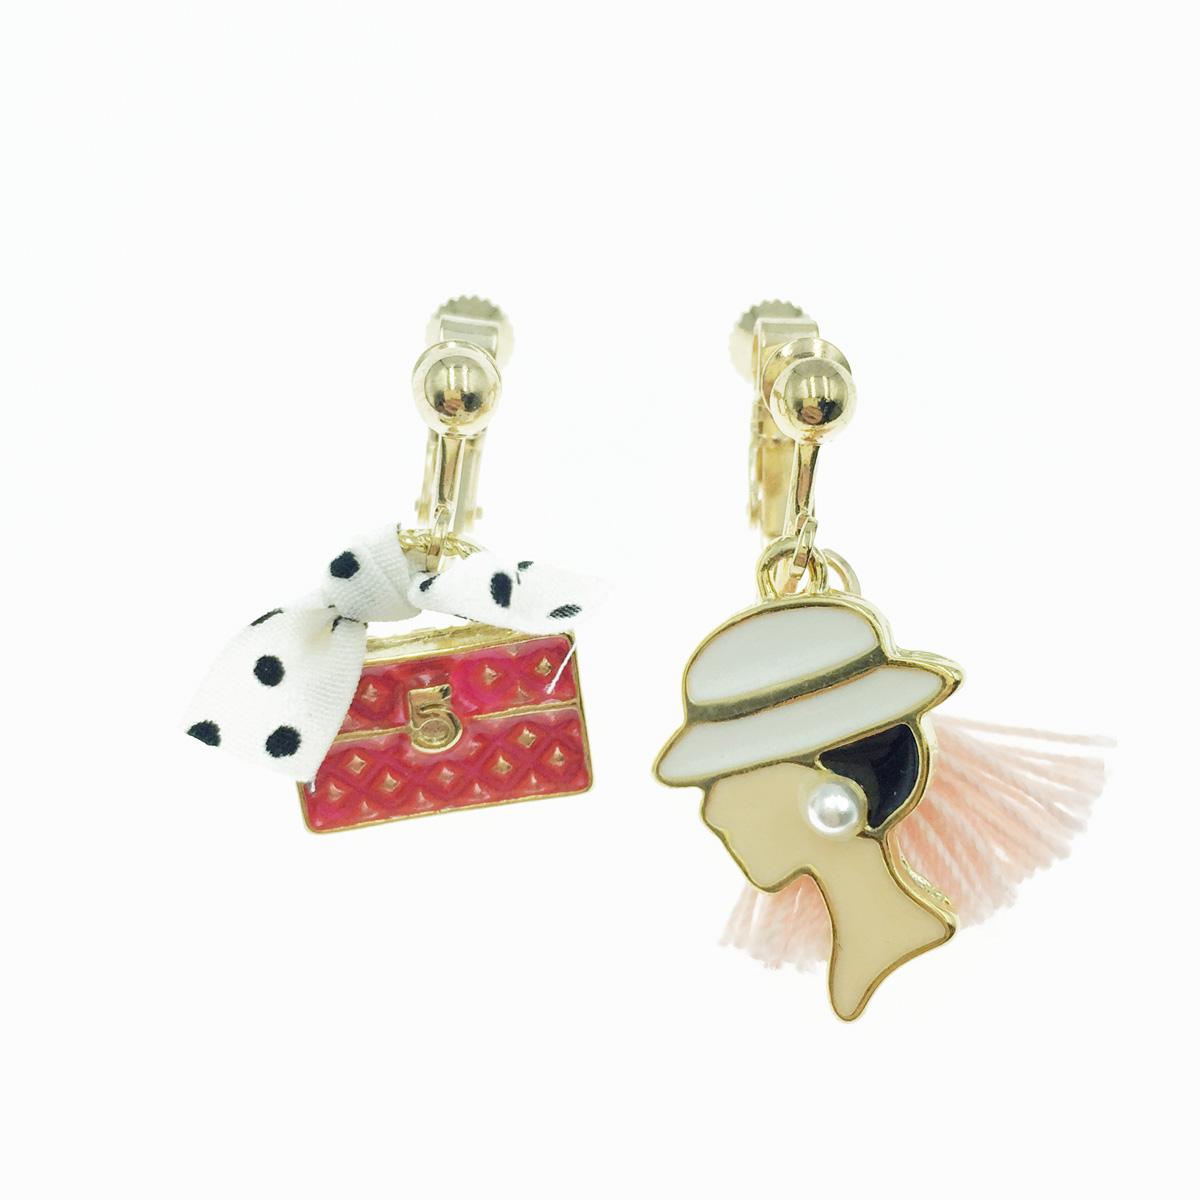 韓國 不對稱 小香風 點點蝴蝶結 包包 流蘇 女人 夾式耳環